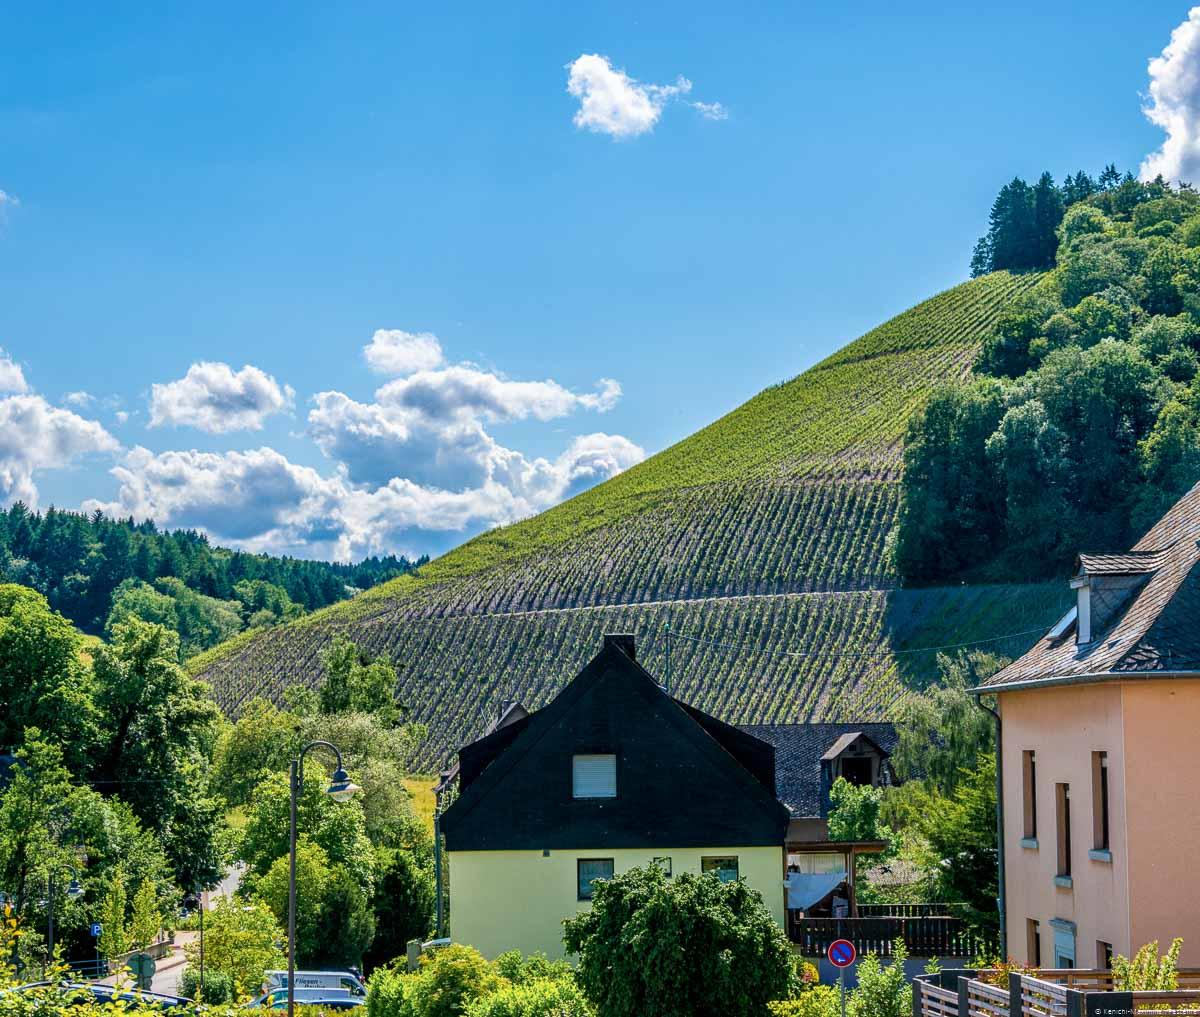 Ort Mertesdorf und Weinberg Waldracher Laurentiusberg mit blauem Himmel und einigen Wolken